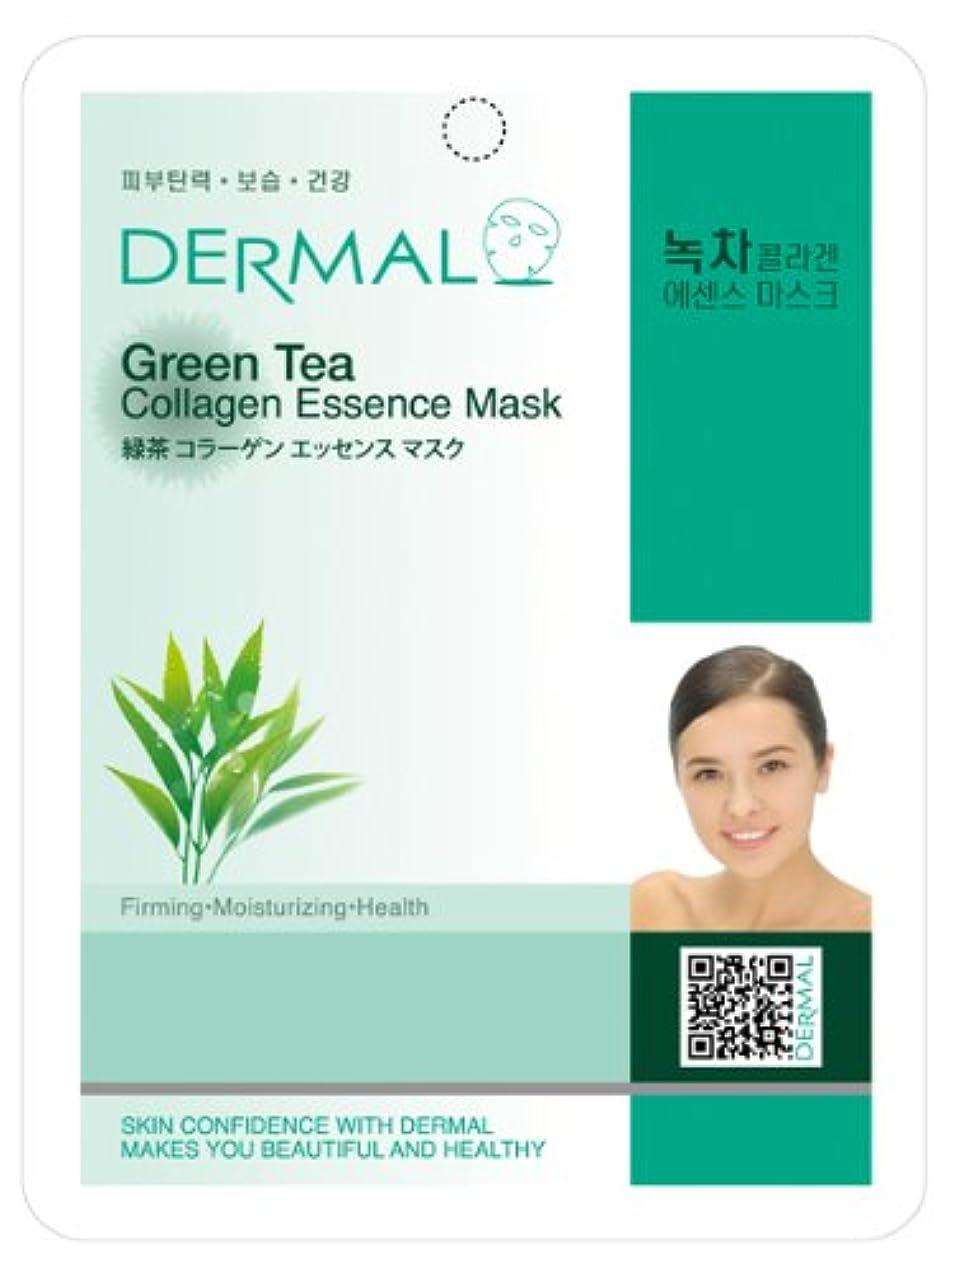 シートマスク 緑茶 100枚セット ダーマル(Dermal) フェイス パック